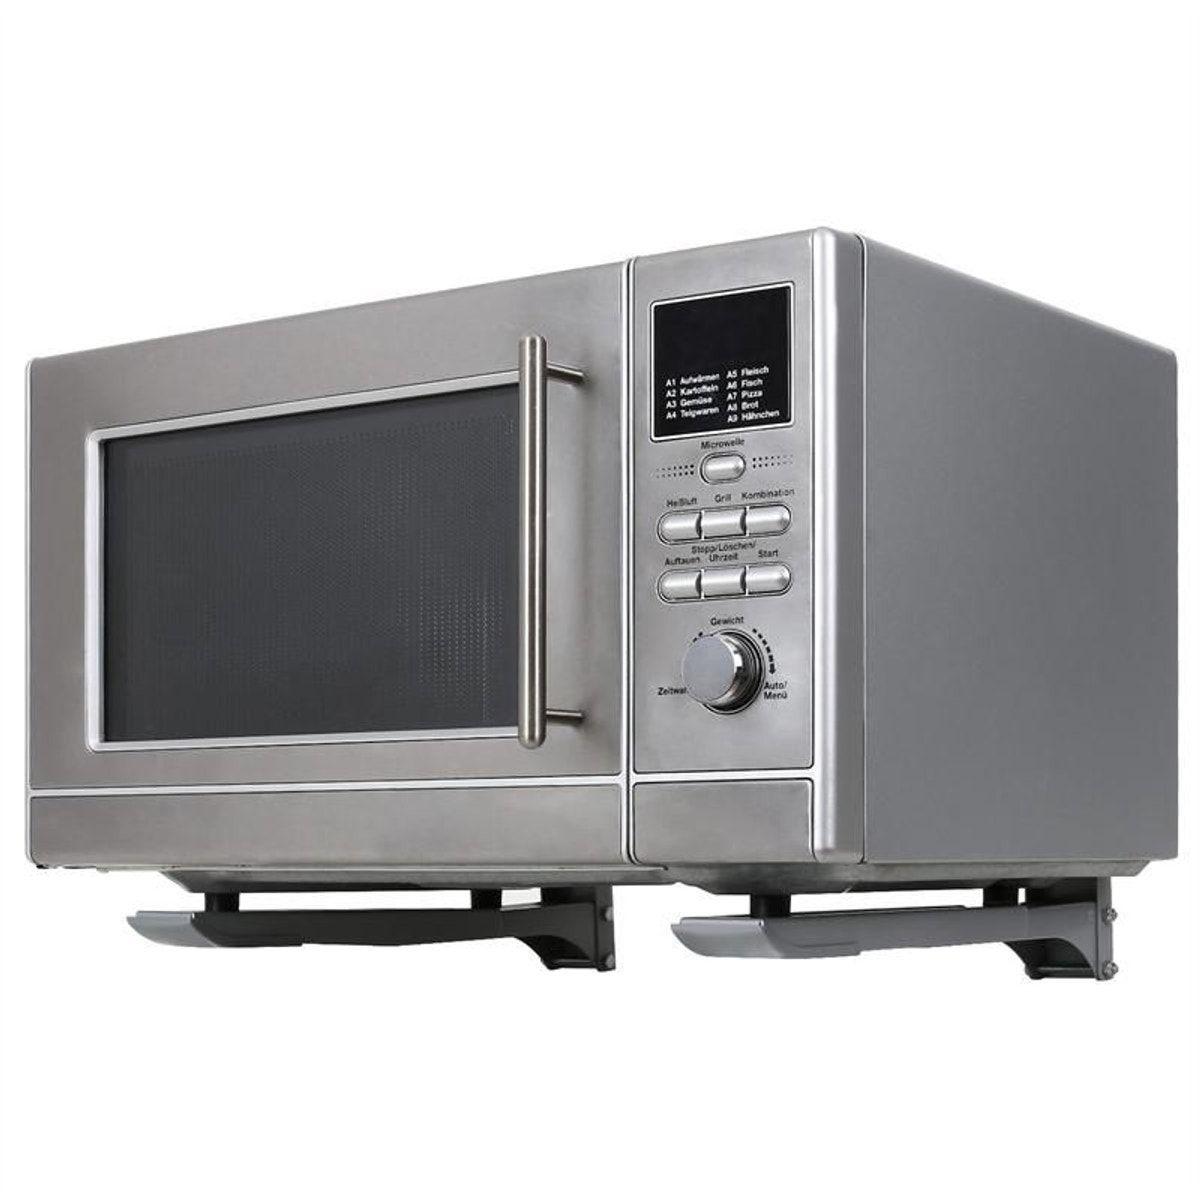 Fixation Pour Micro Onde mb-4 support pour four micro-ondes <35kg argenté - taille